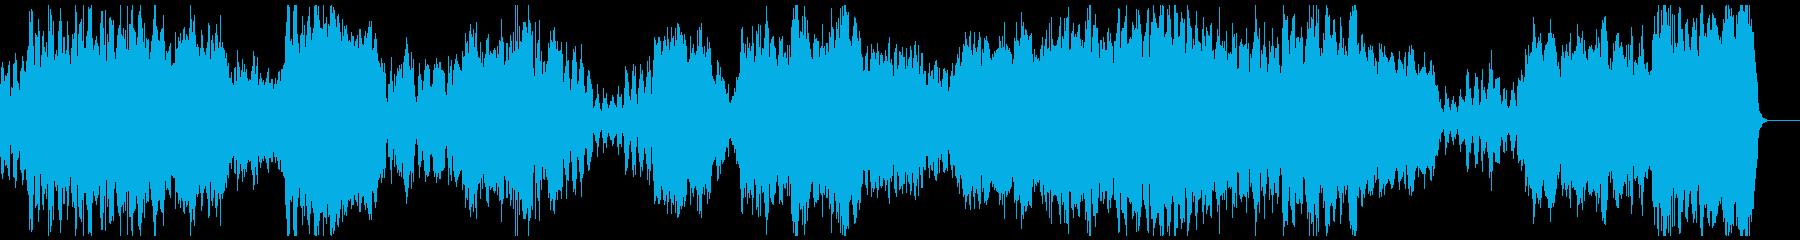 BWV1070/5『カプリチオ』の再生済みの波形